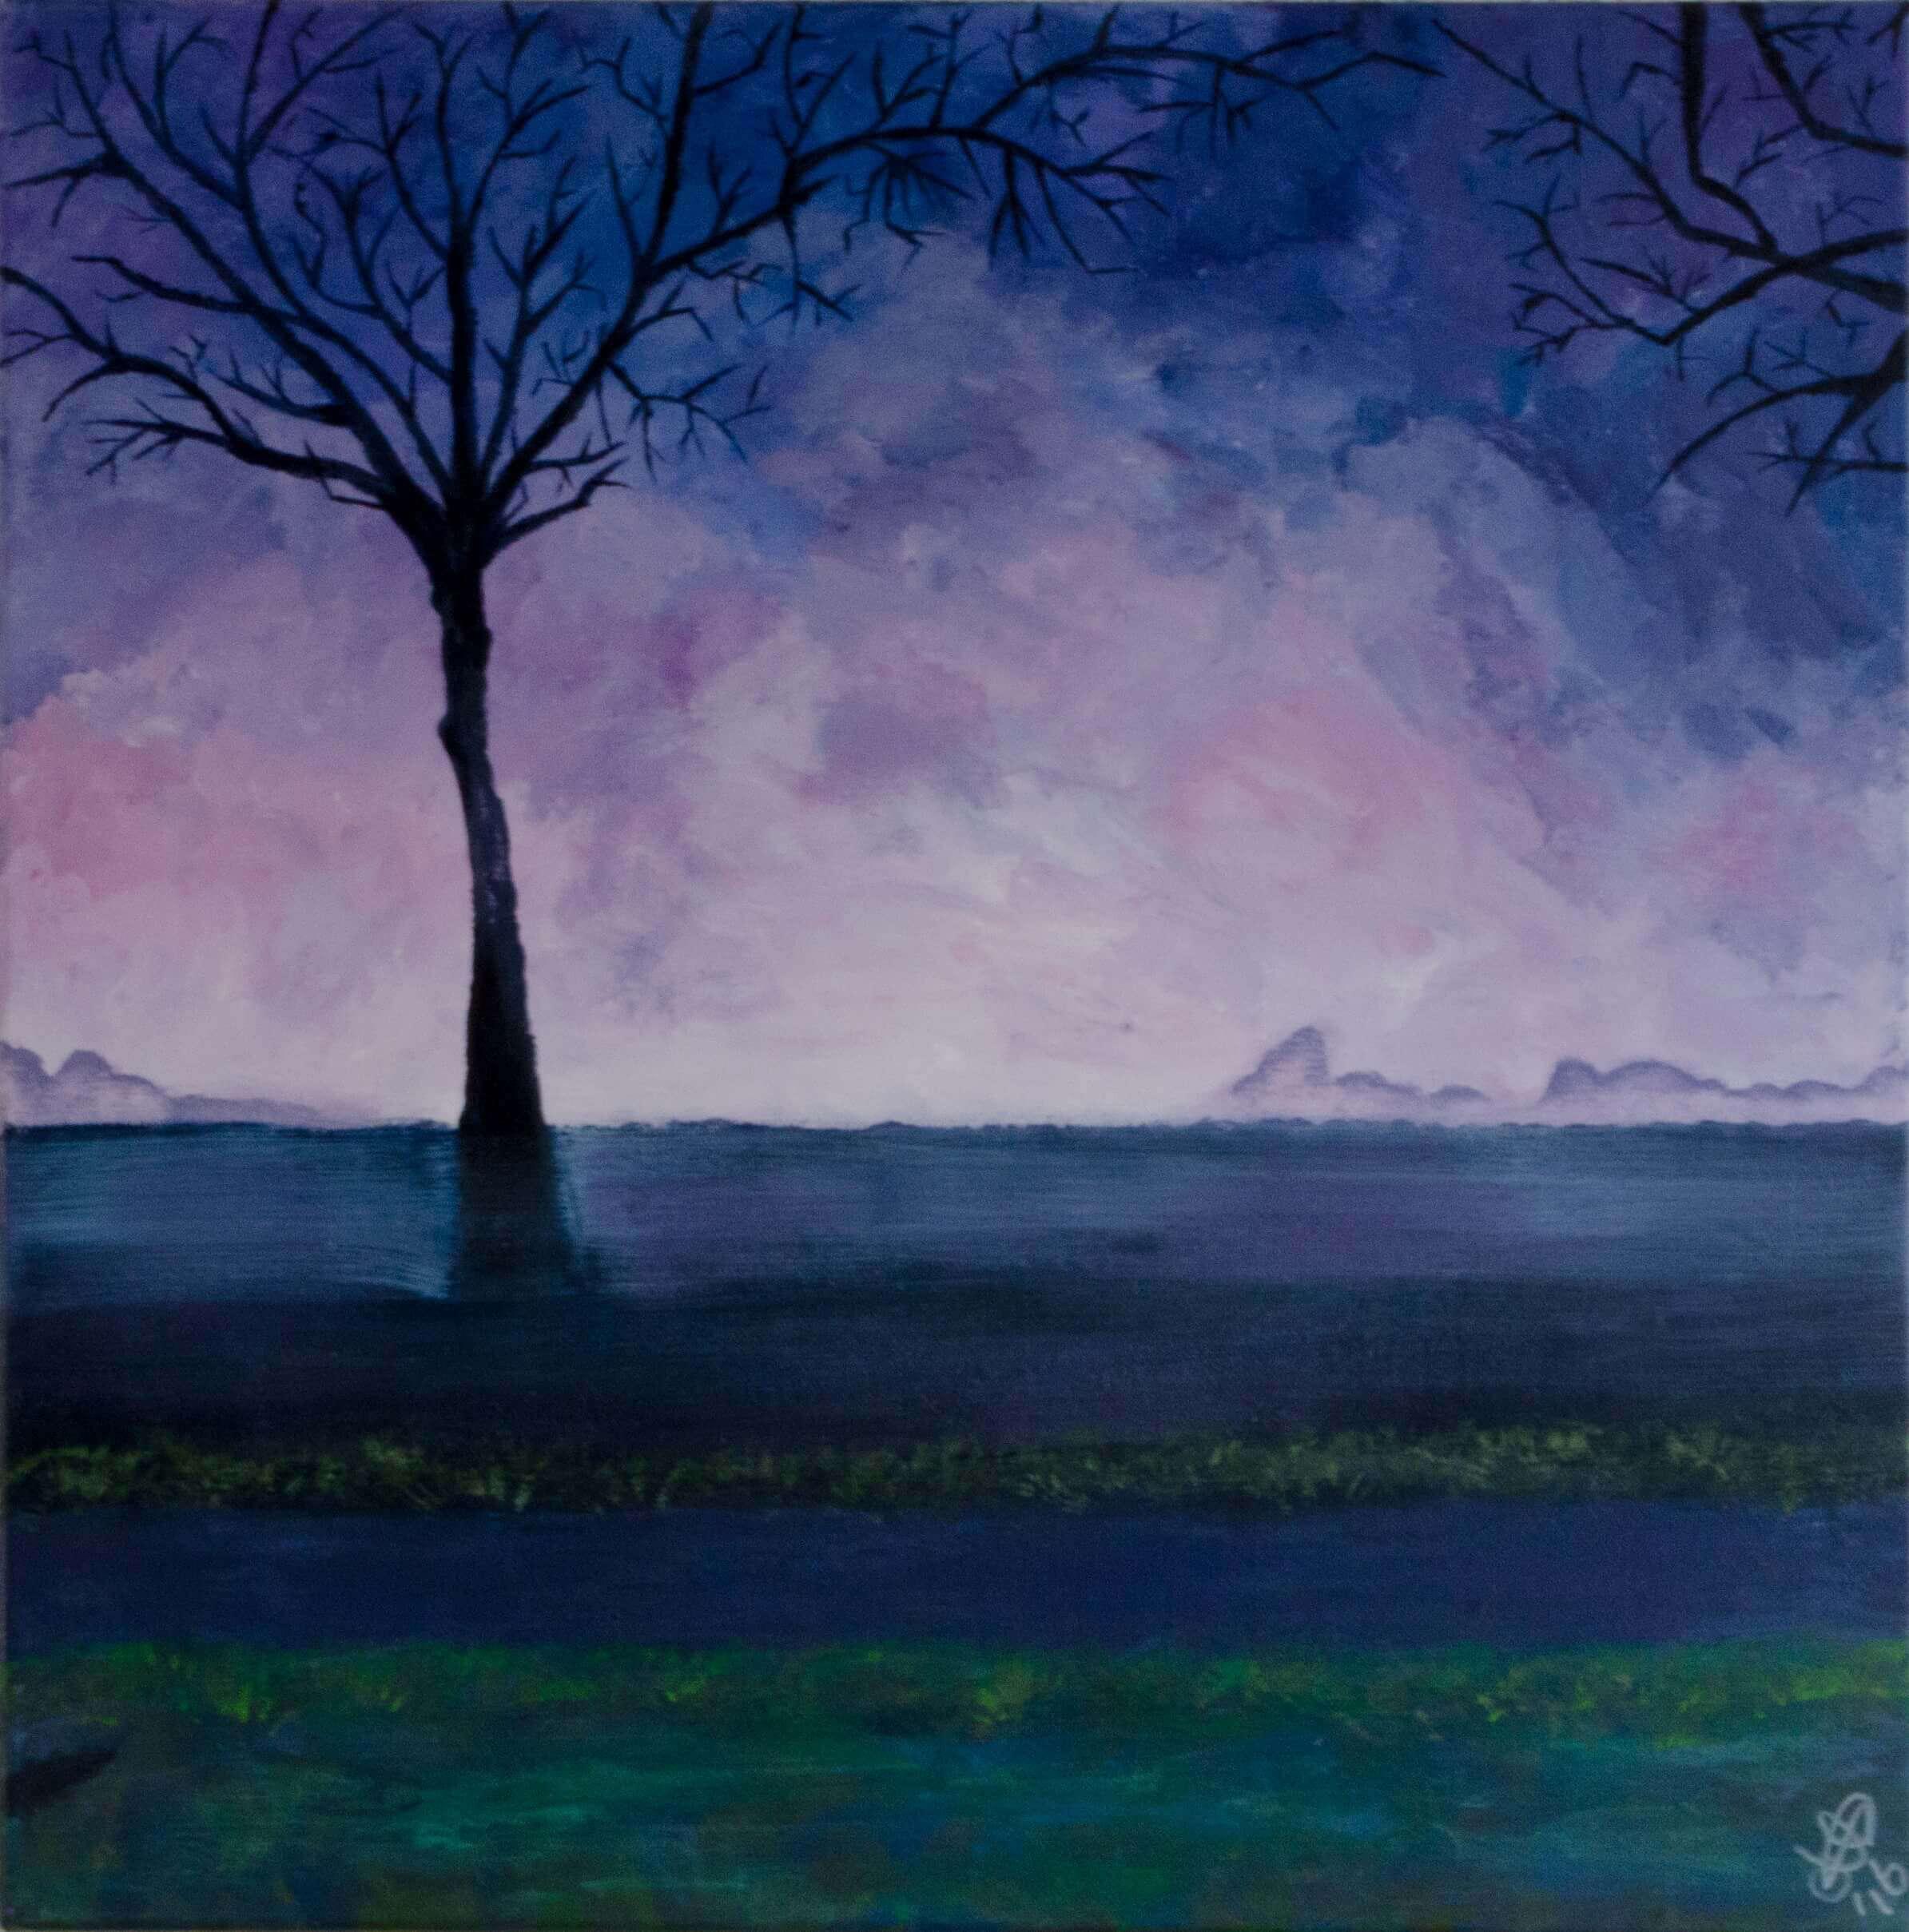 Paars schilderij van een donkere nacht